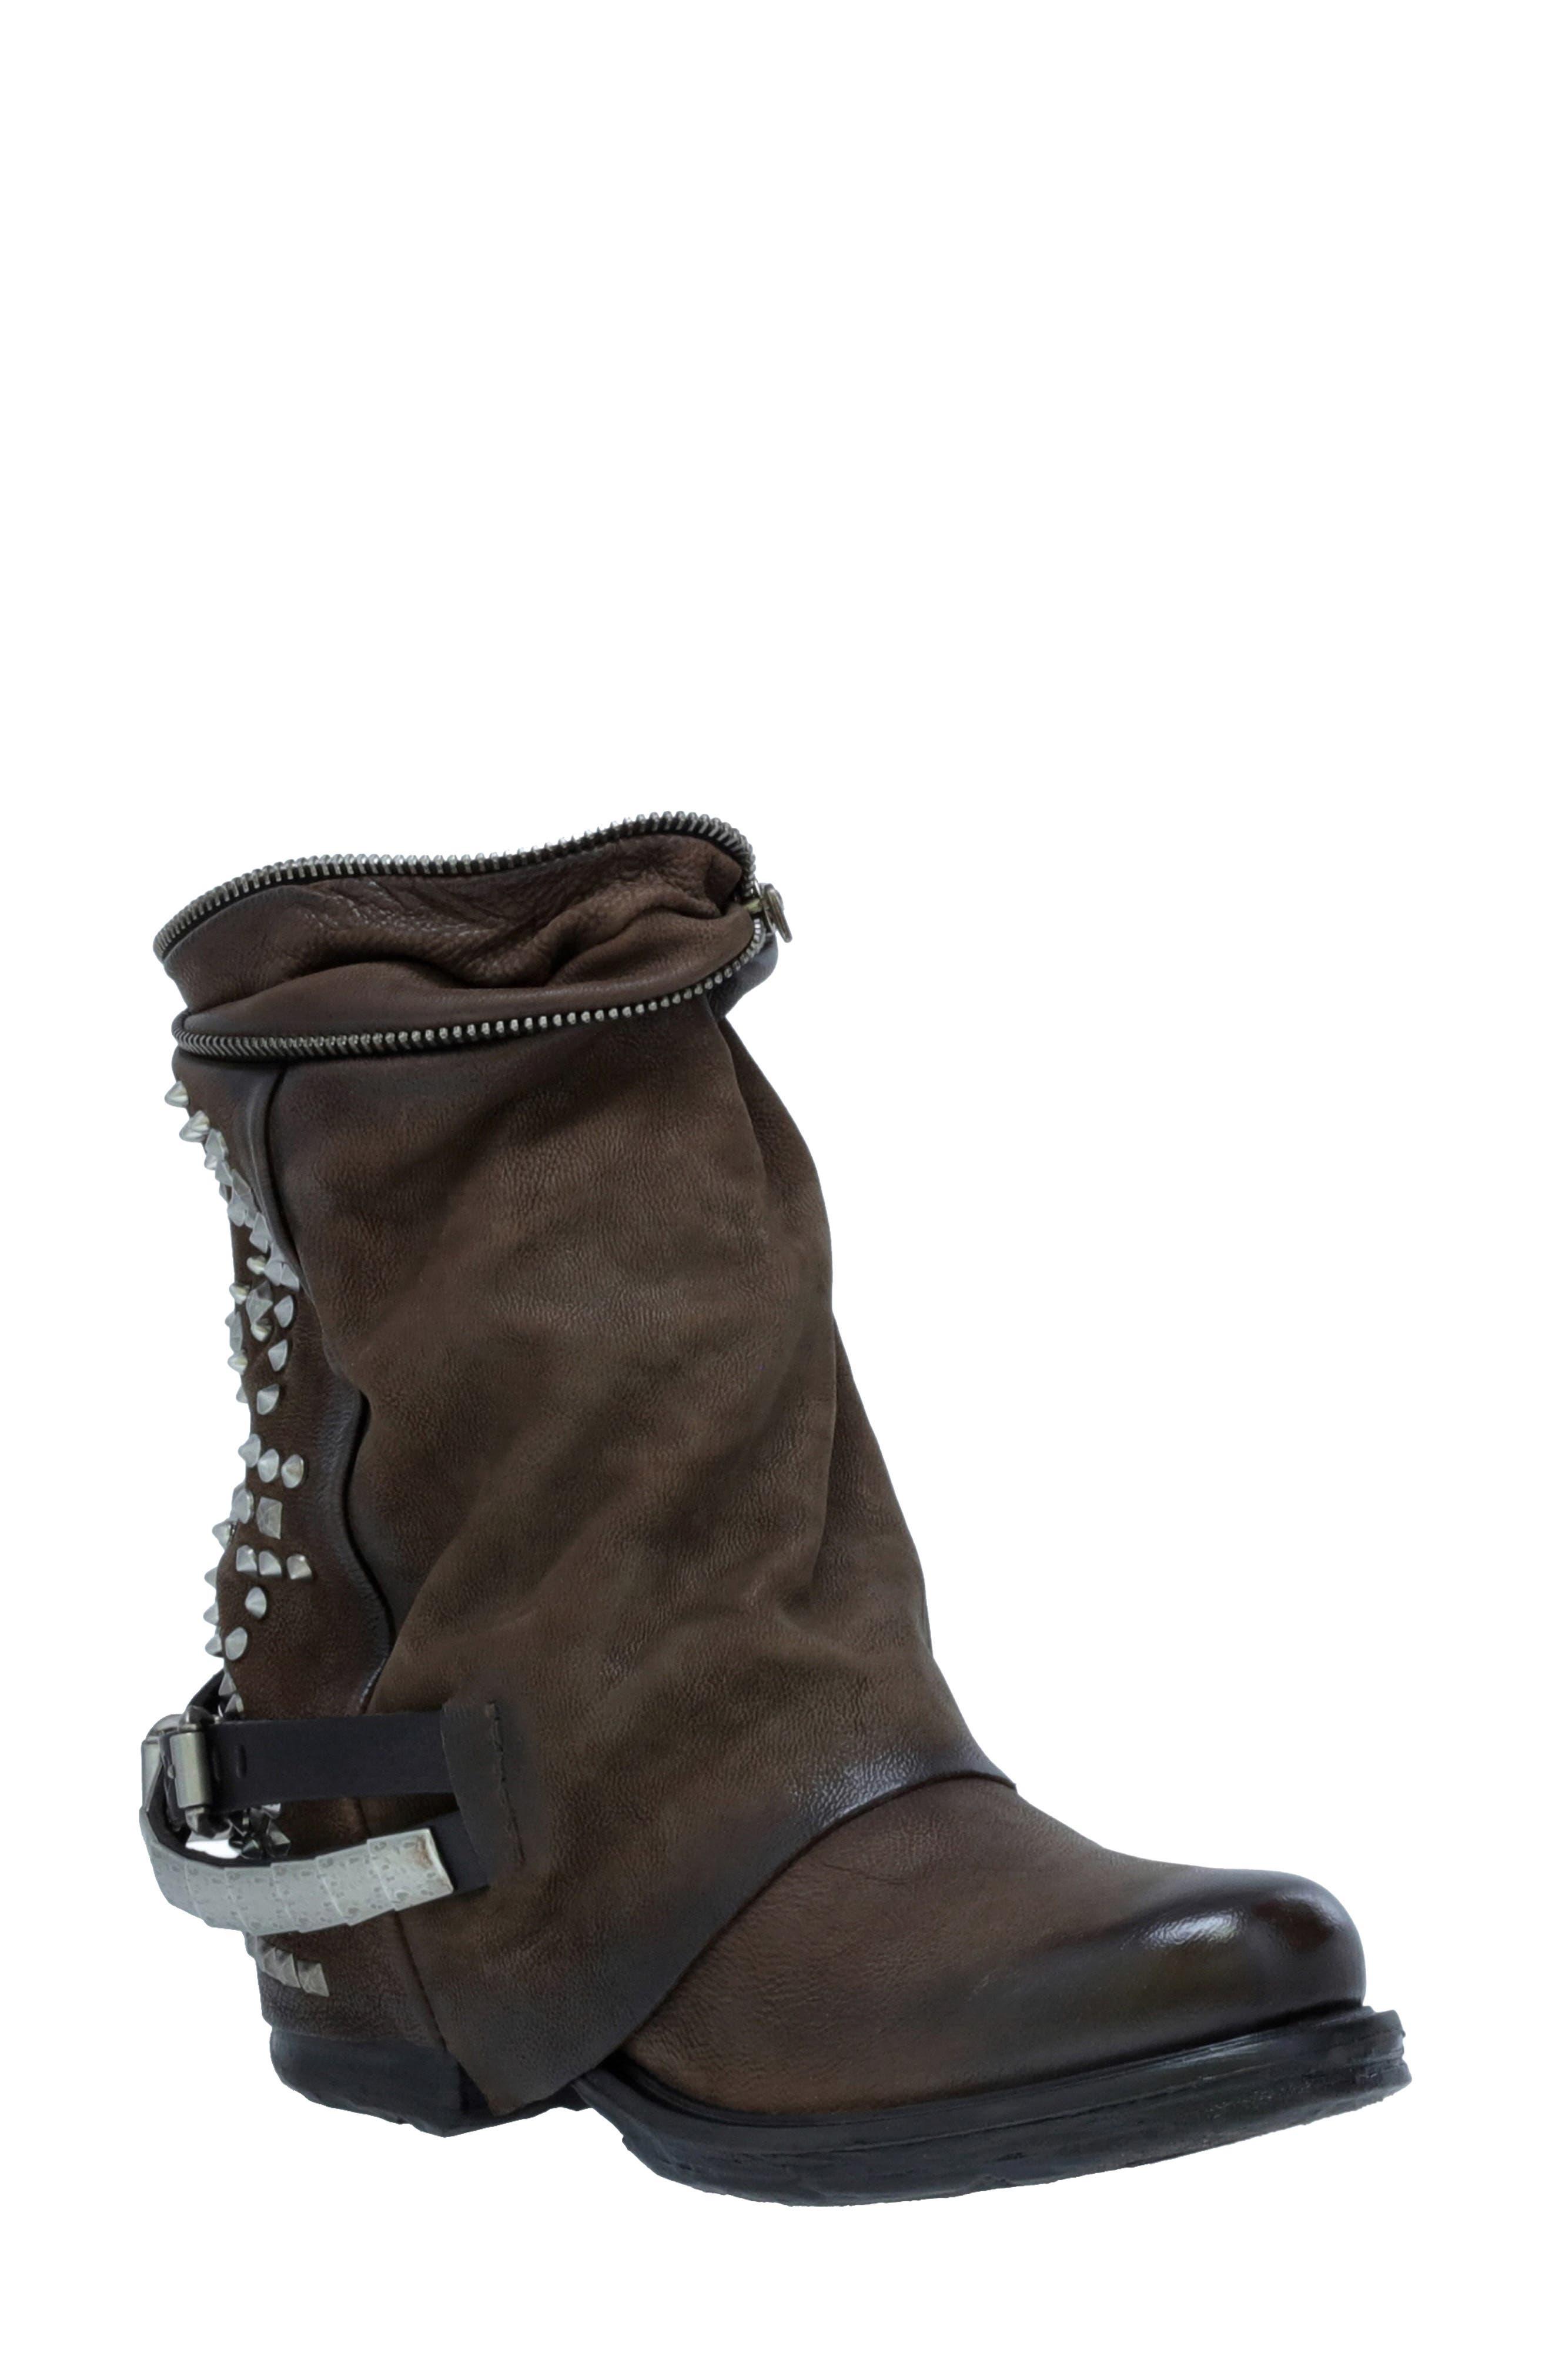 Women's A.s.98 Sid Western Boot